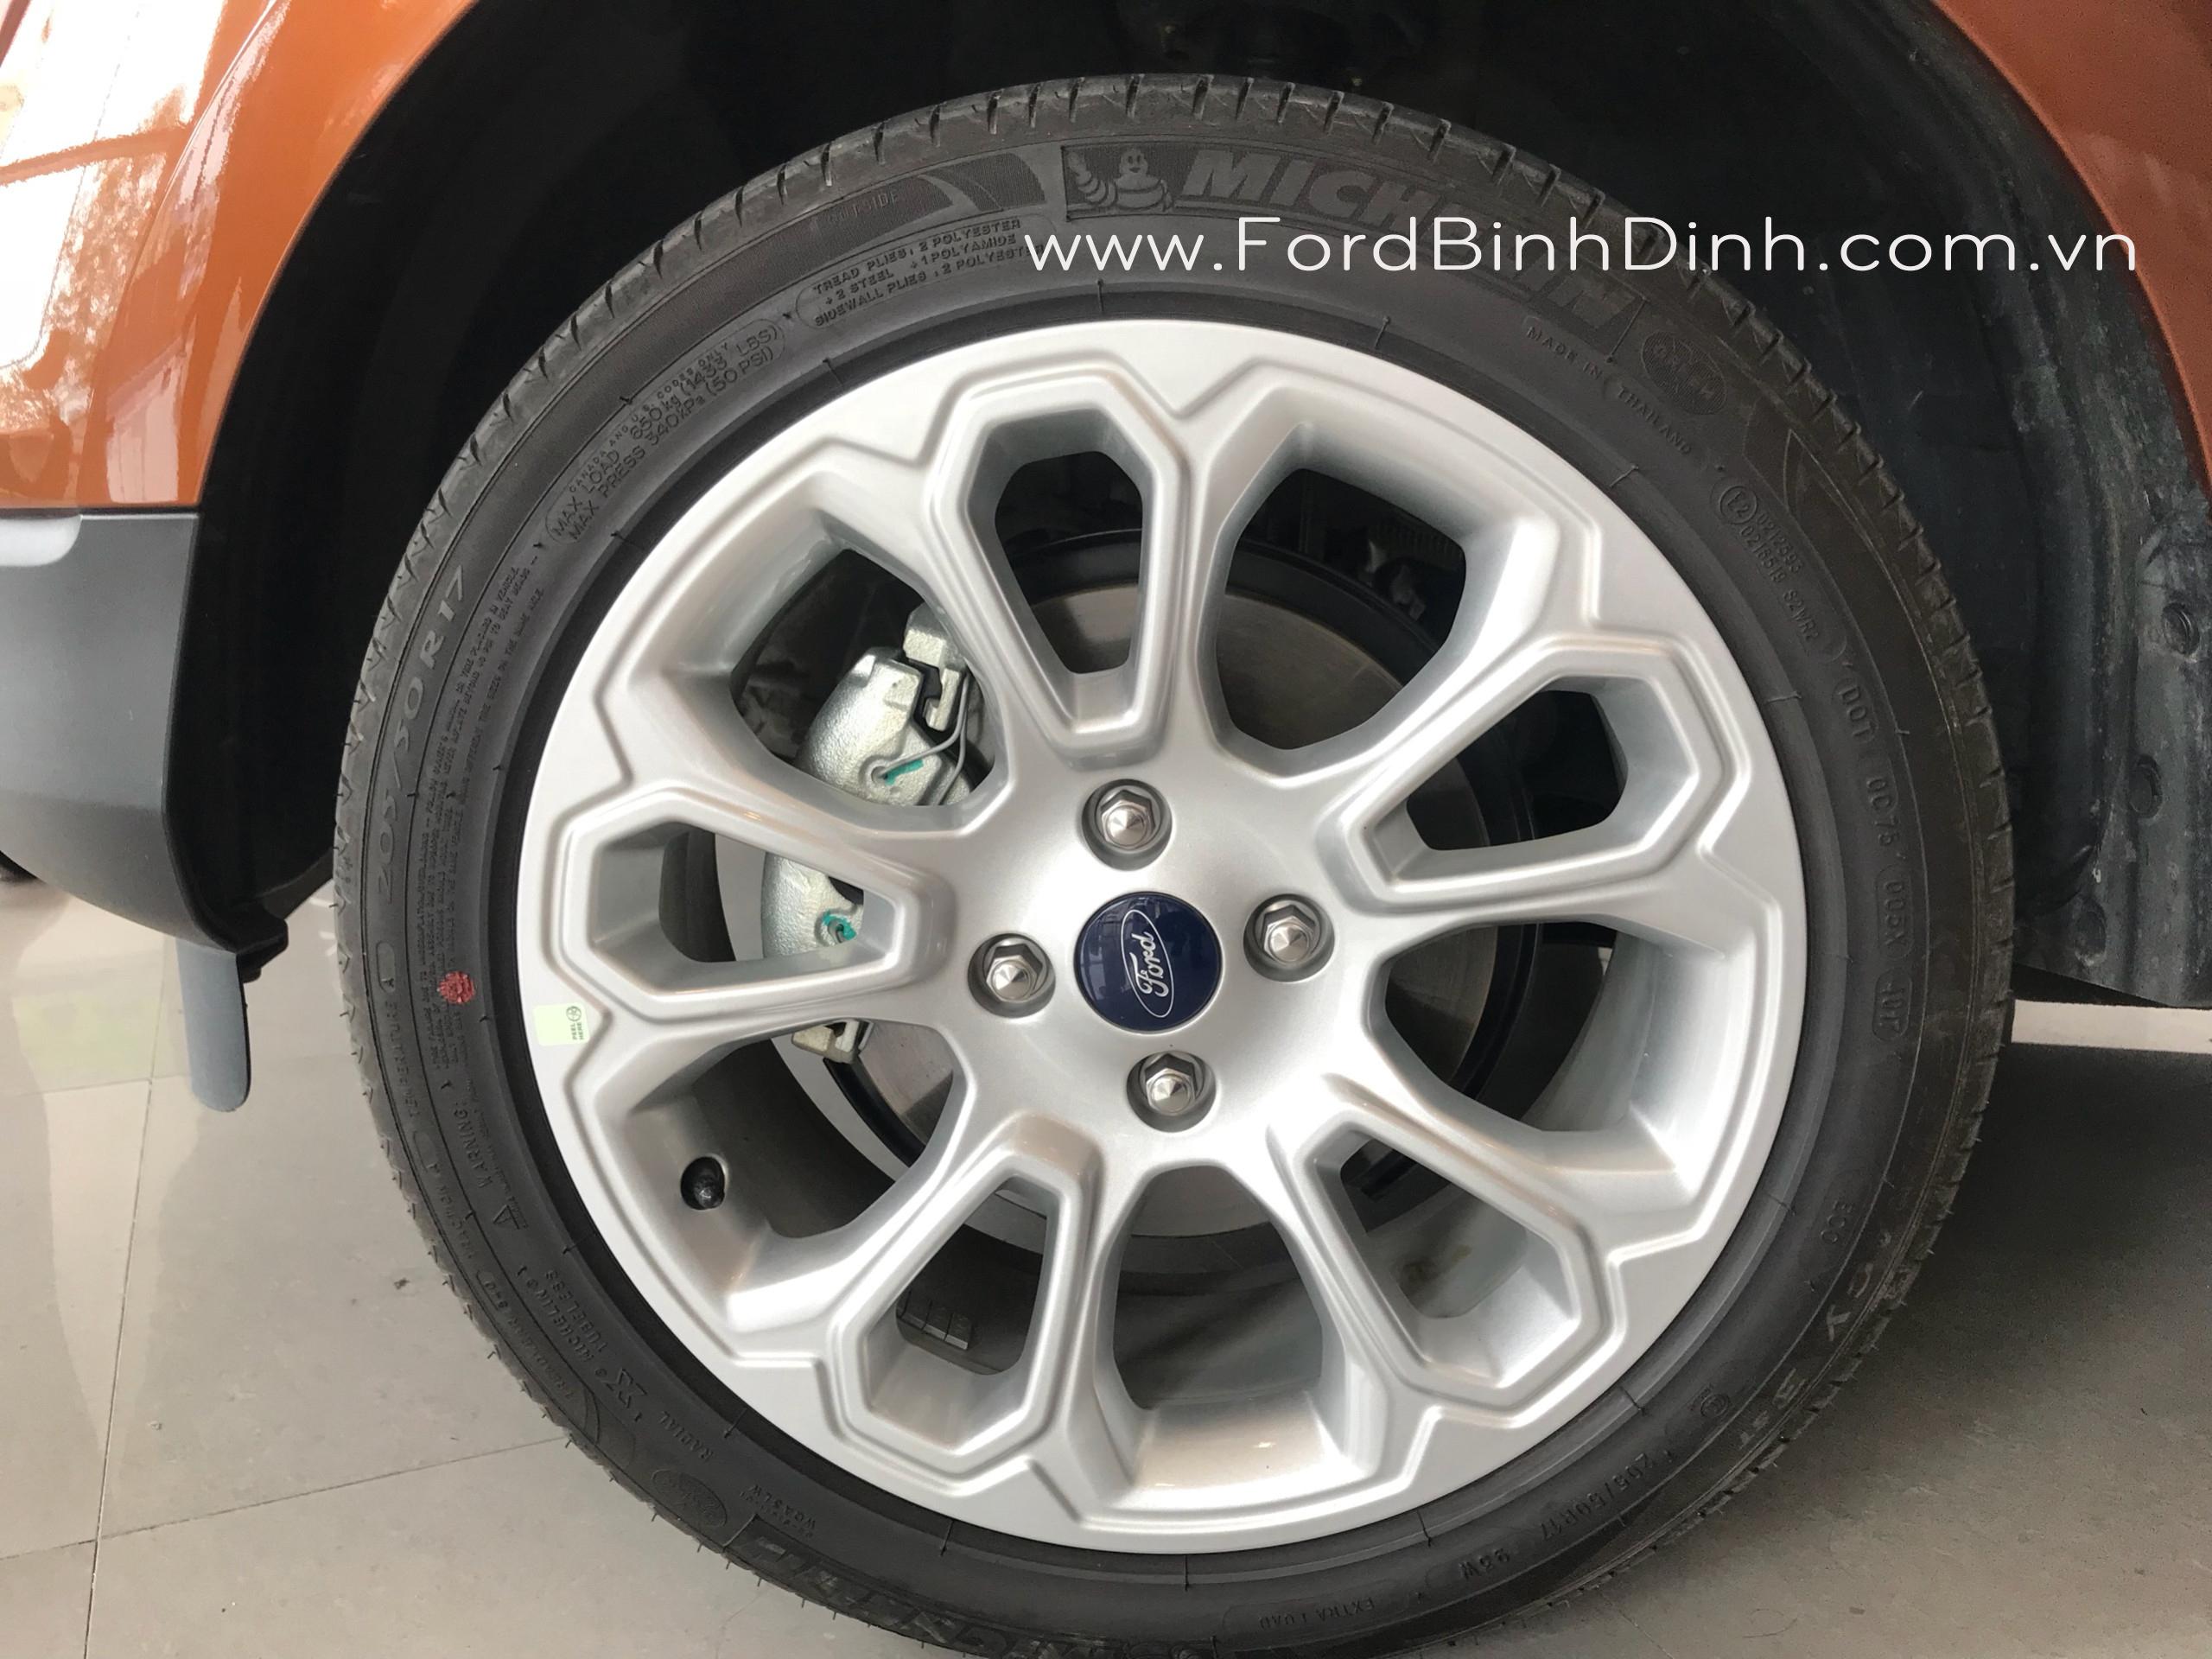 ecosport-2018-titanium4-ford-binh-dinh-com-vn